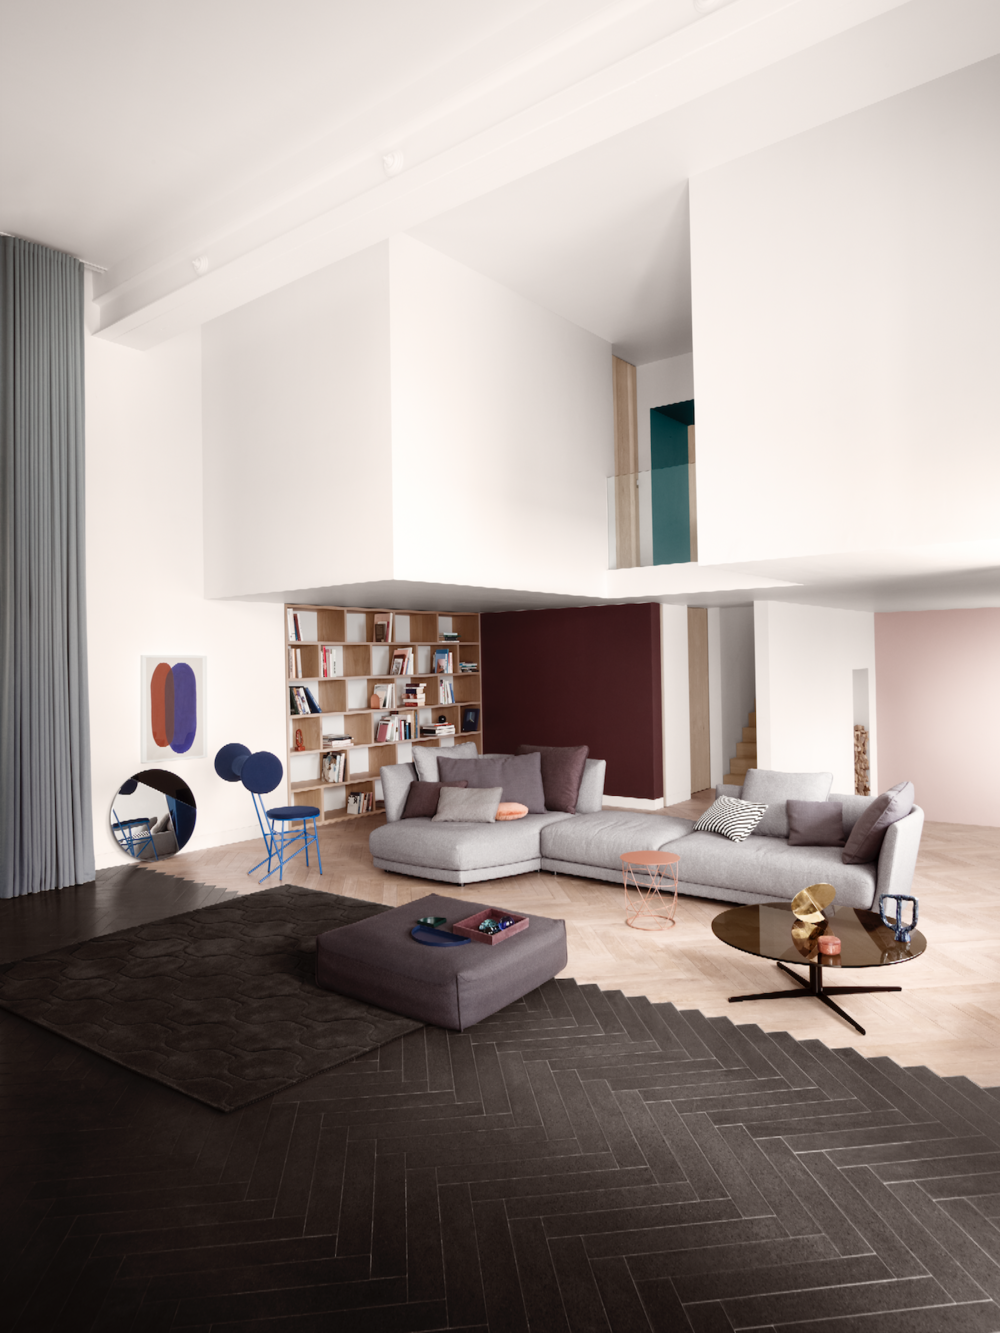 Interieurstudio Loncin projectontwikkelaars vastgoed architecten interieurarchitect totale aanpak.png